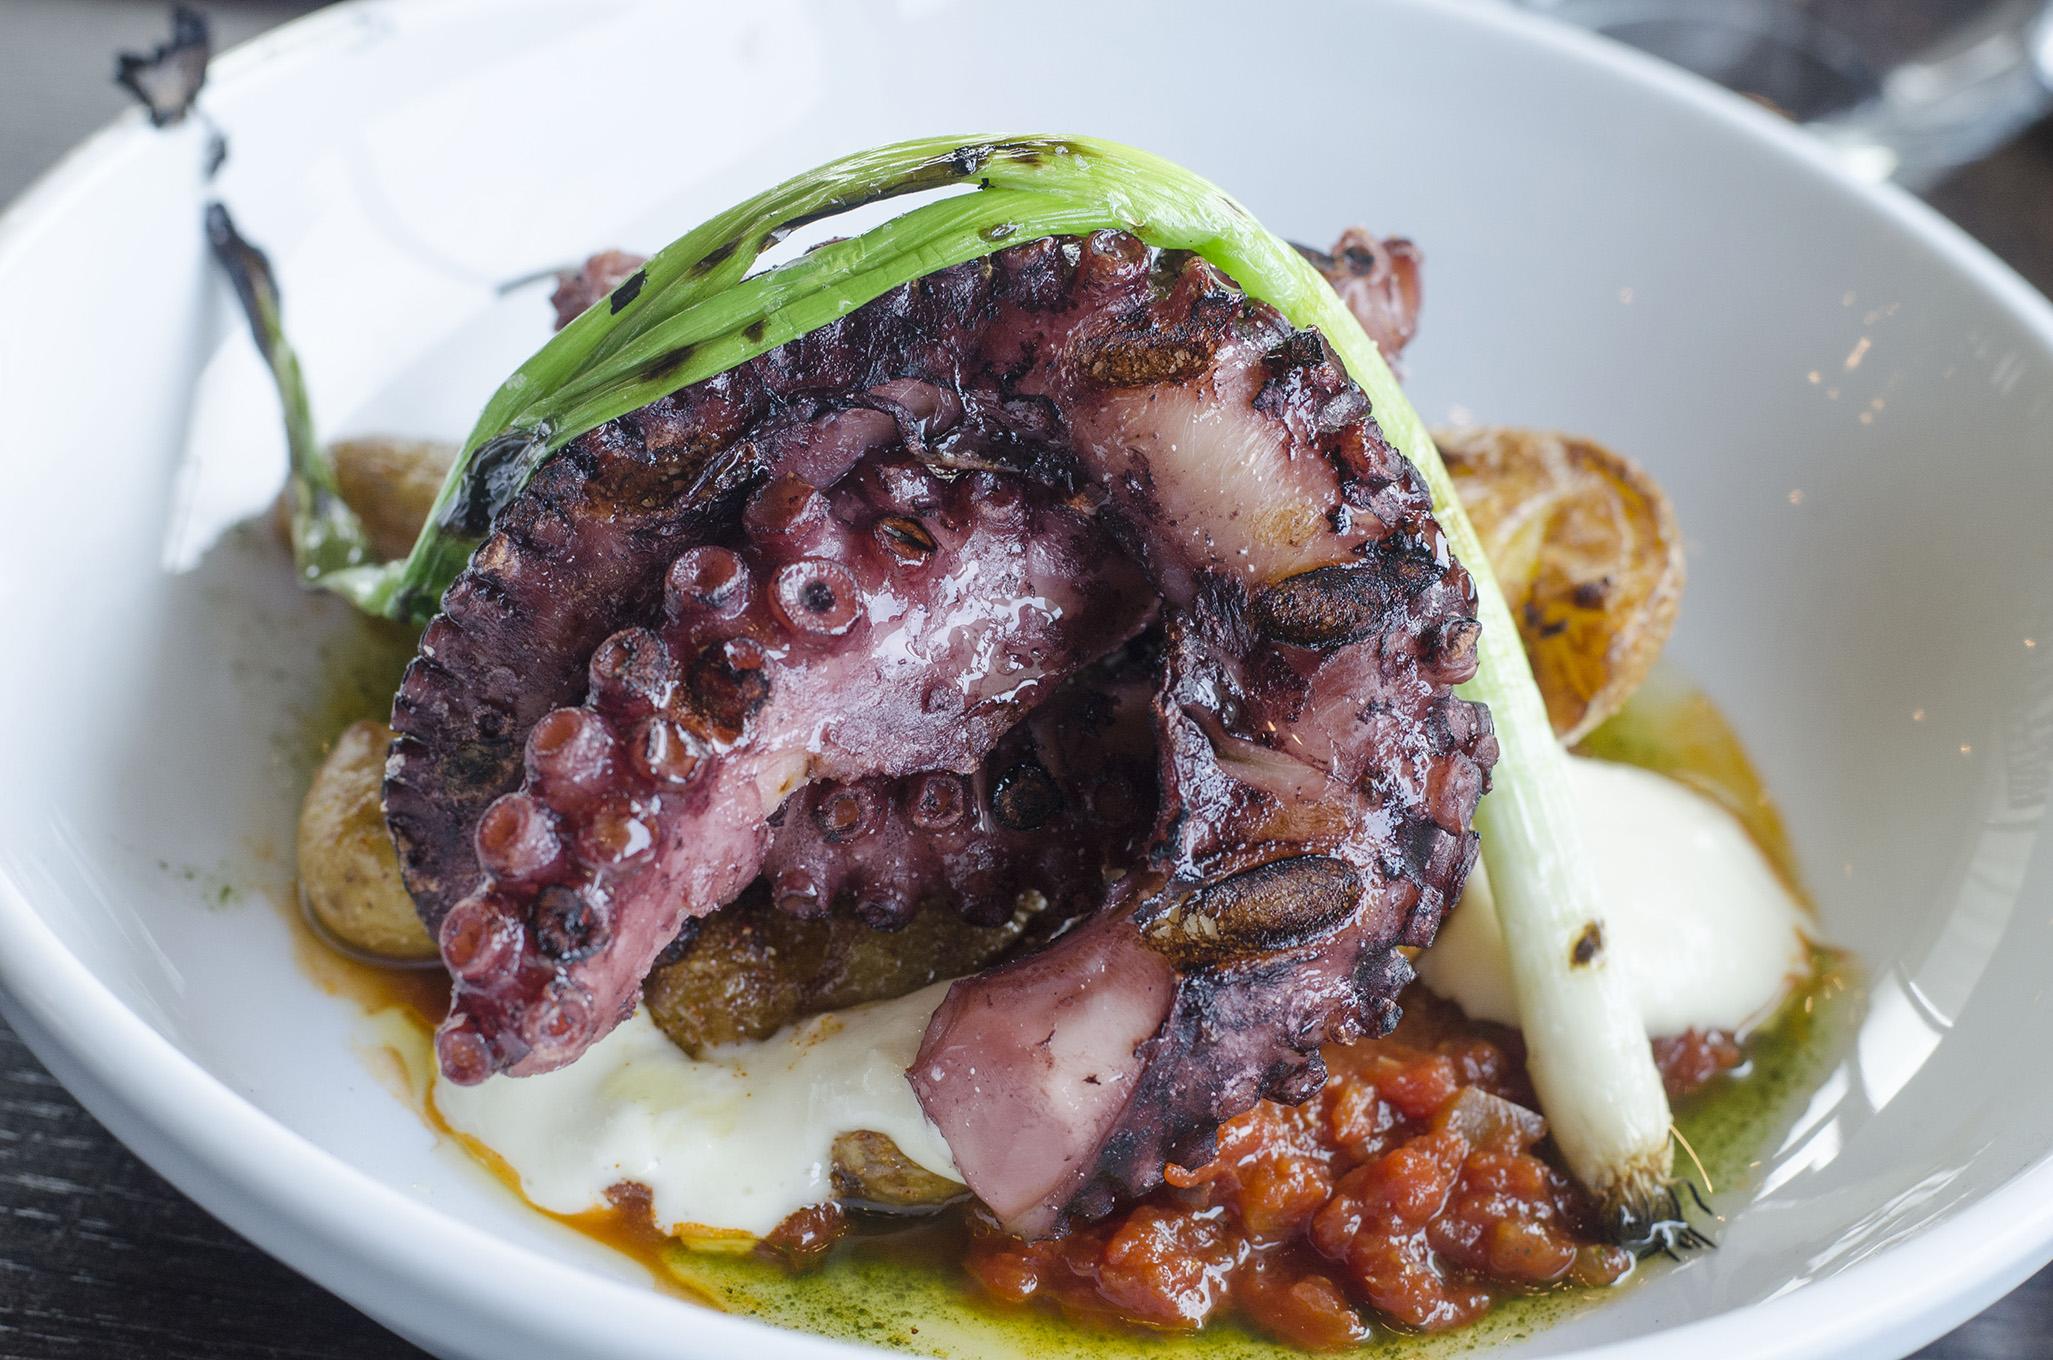 Octopus on the Vine+Ash menu in Tecumseh, Ontario.